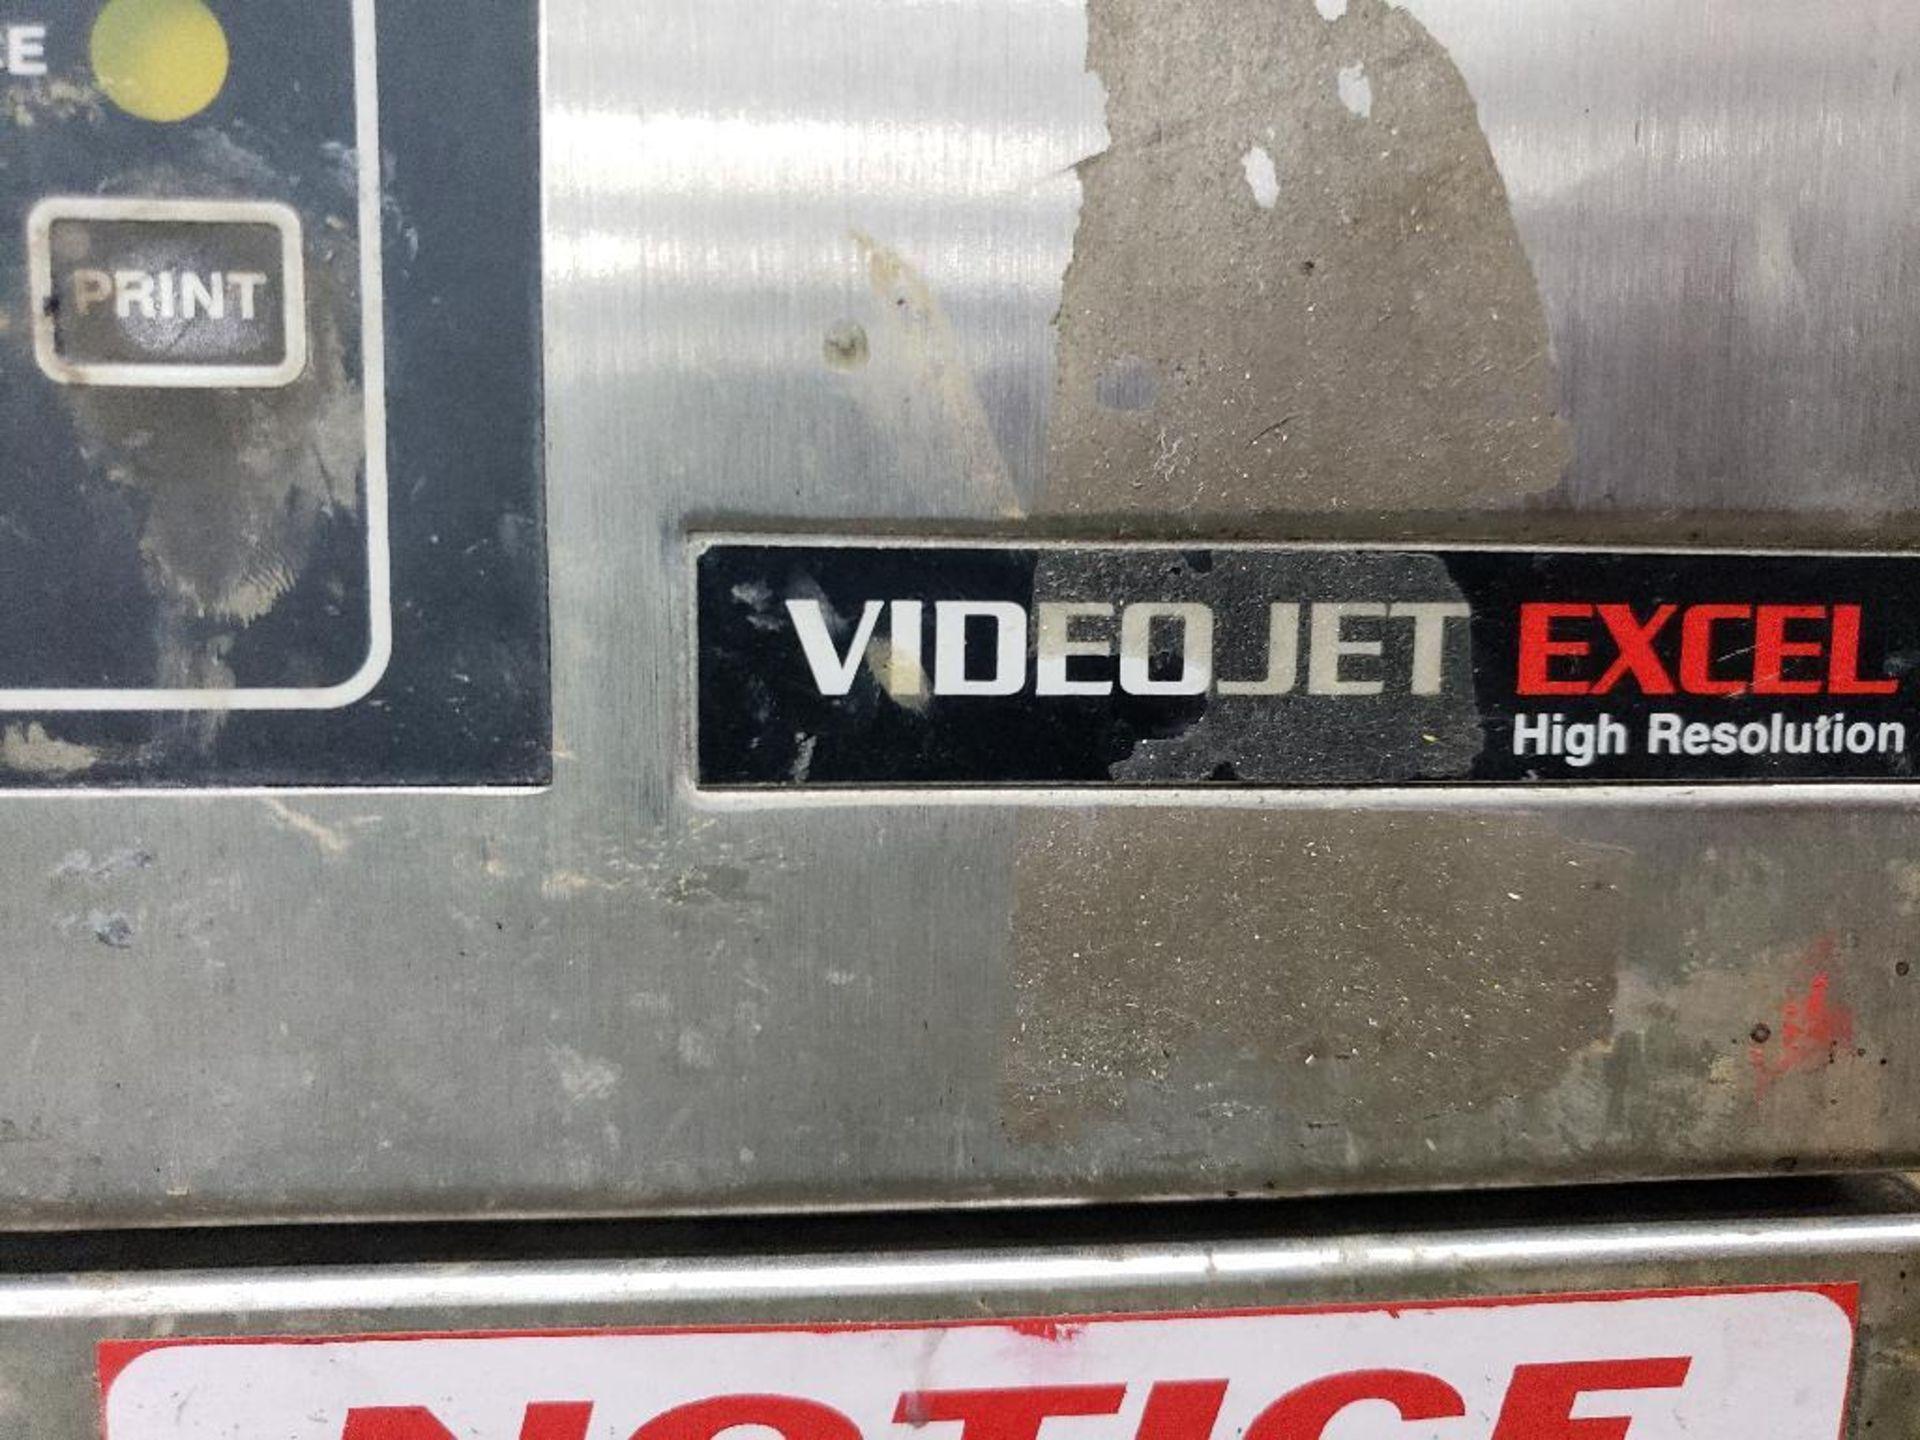 Videojet Excel High Resolution HI-RES ink jet marking machine. - Image 2 of 19